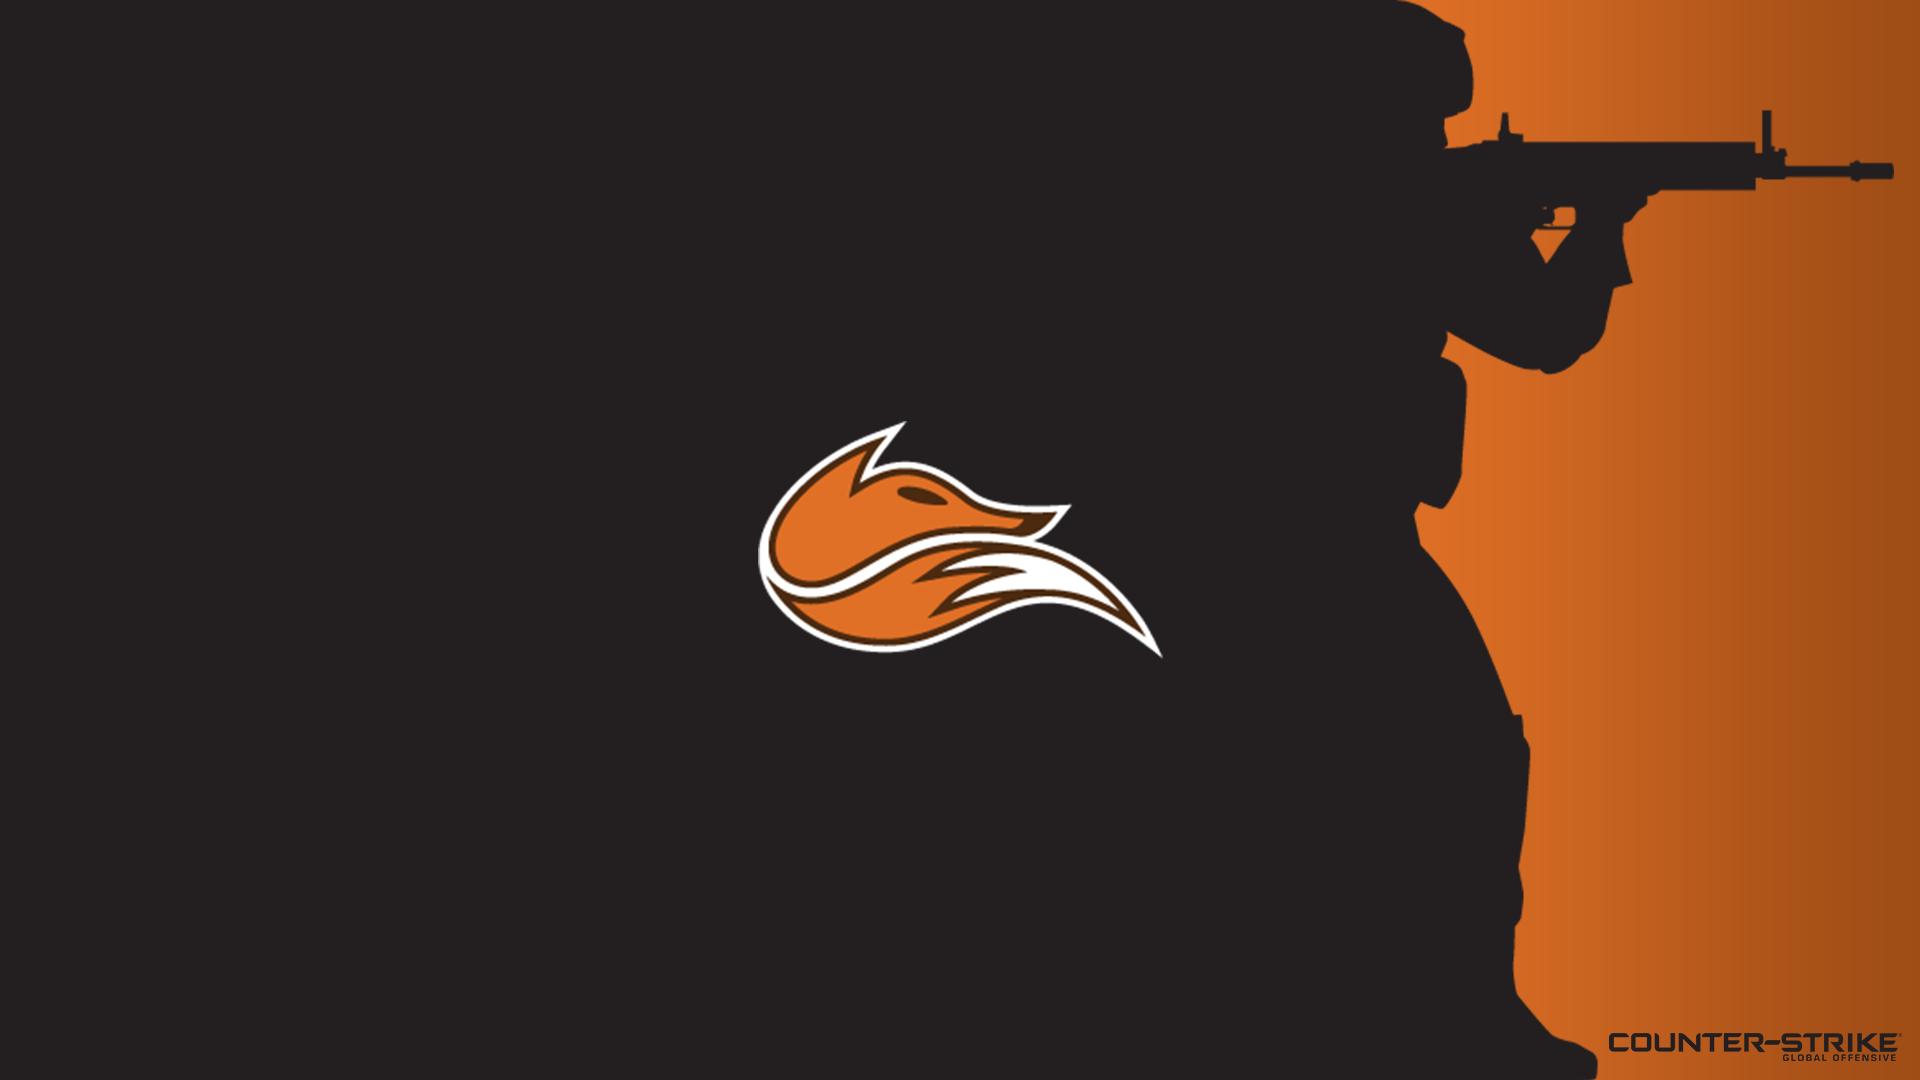 Black with logo - Echo Fox